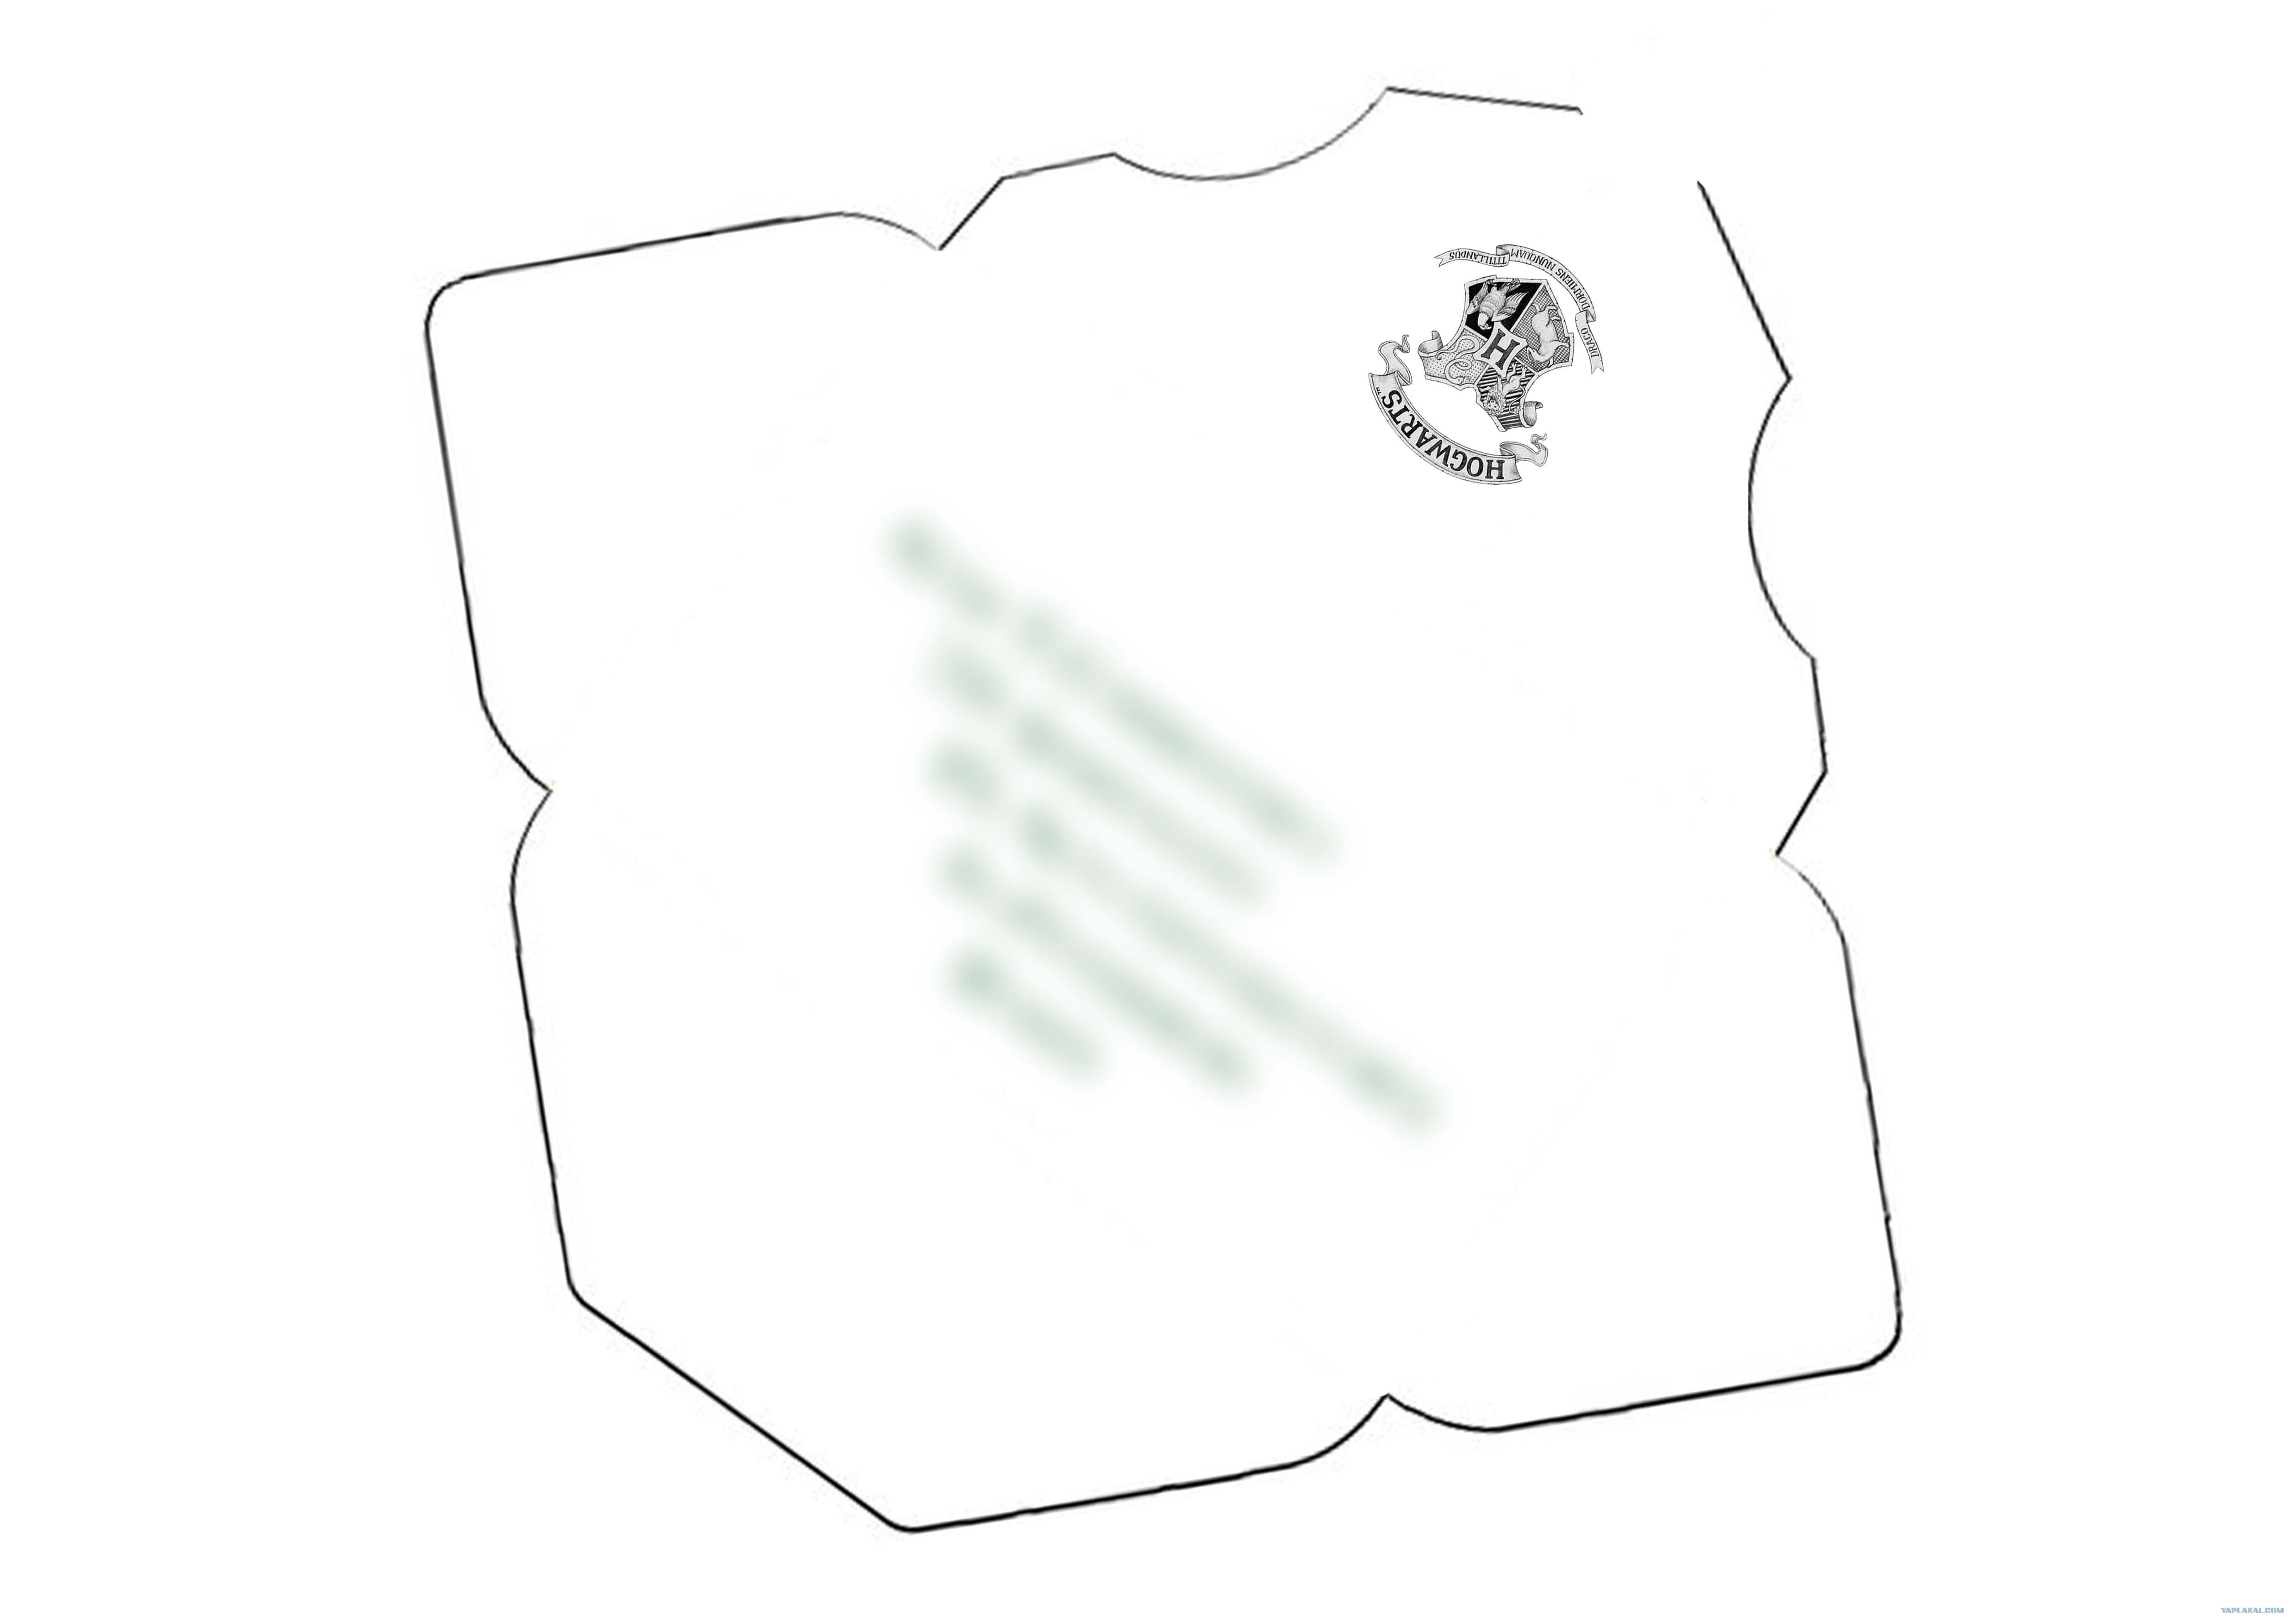 Скачать бланк конверта для письма а4 word